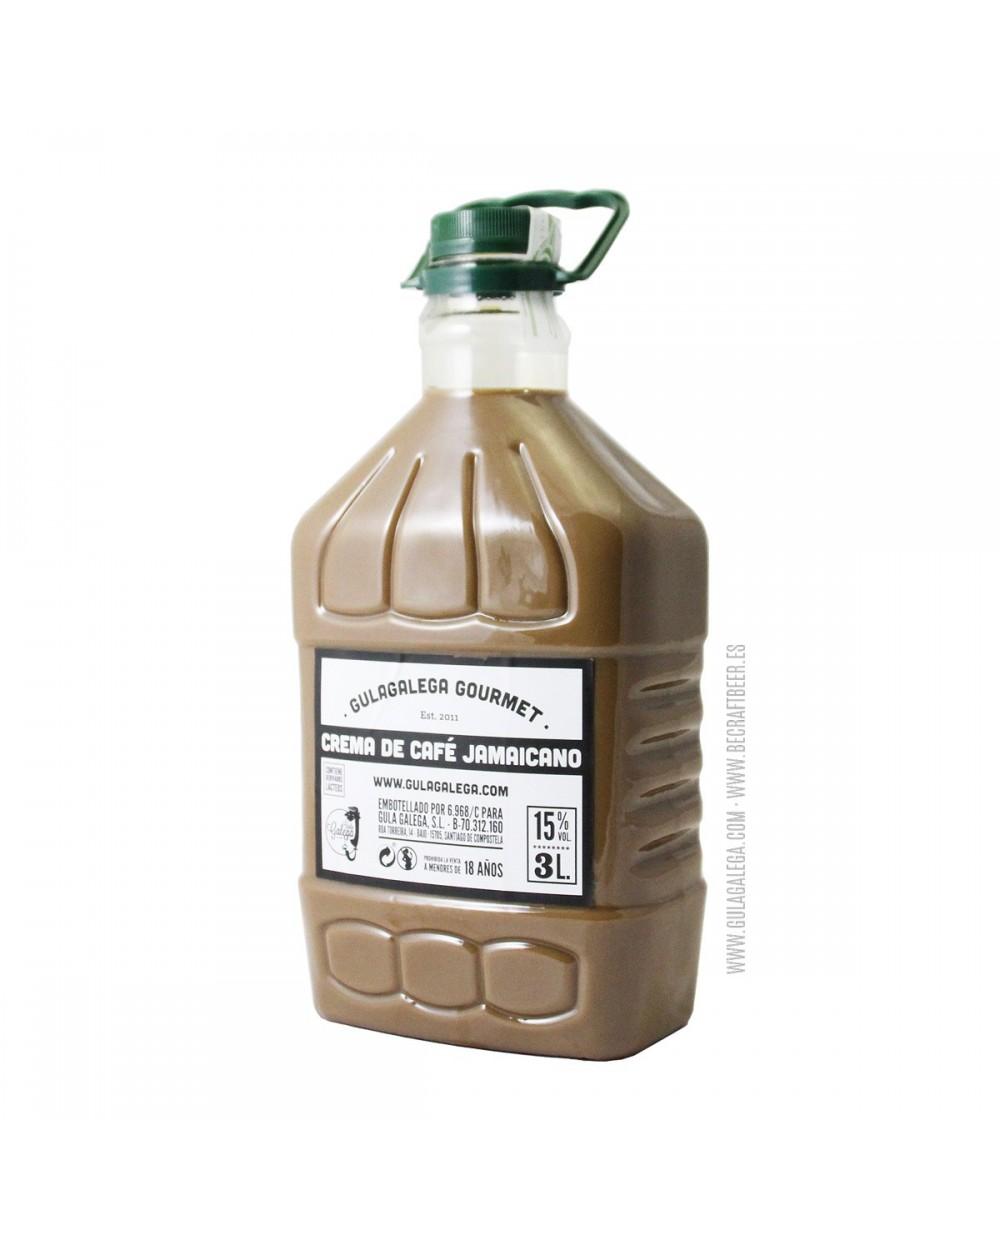 Crema de Café Jamaicano GULAGALEGA GOURMET 3 Litros